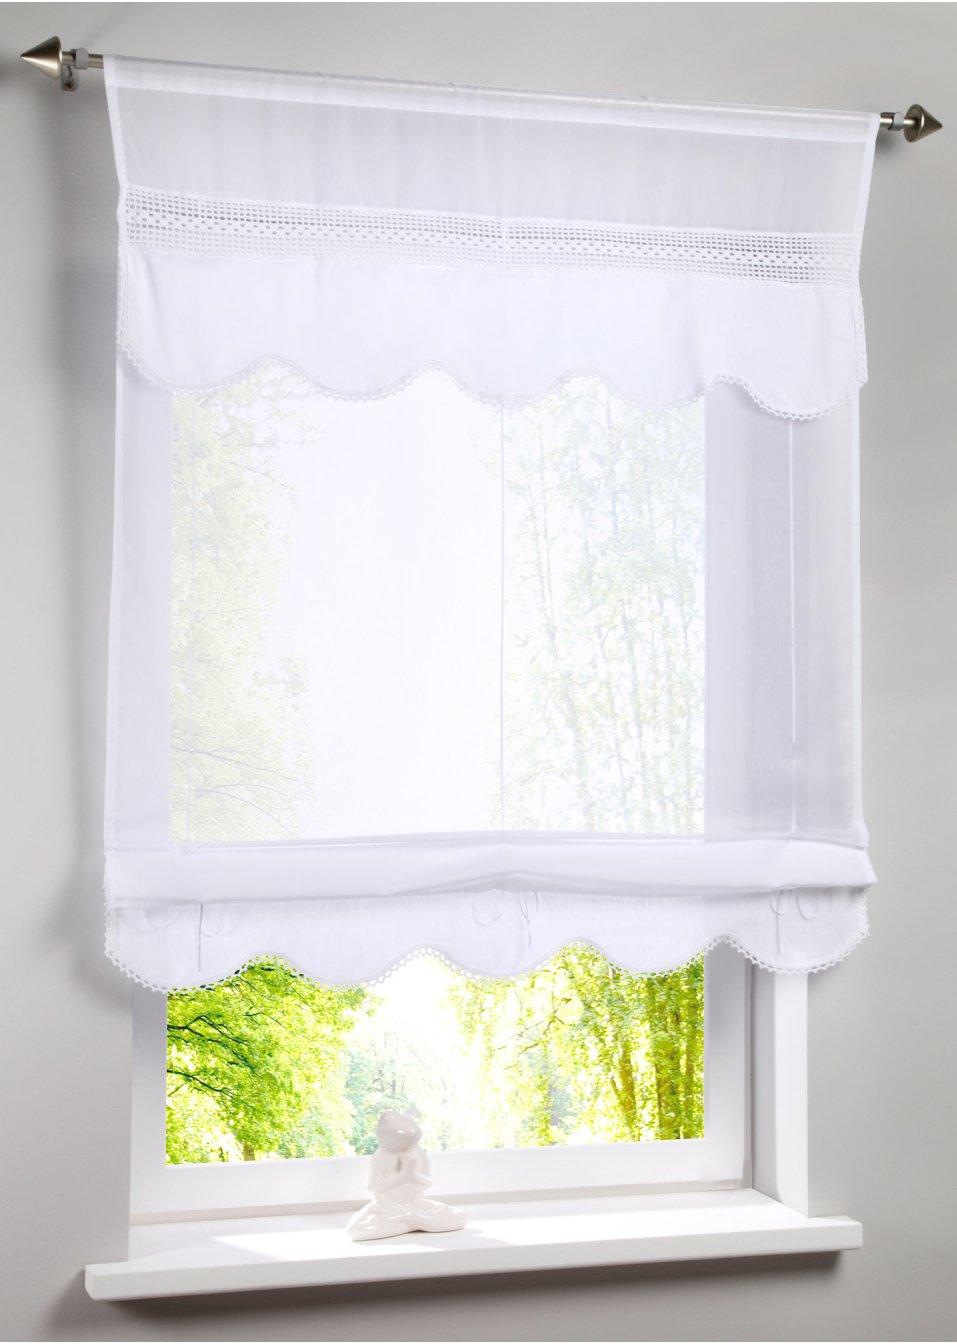 Full Size of Schne Fensterdekoration Mit Hkeldetails Im Landhausstil Wei Treteimer Küche Billig Kaufen Eckunterschrank Keramik Waschbecken Bad Klapptisch Betten Laminat Wohnzimmer Raffrollo Küche Landhausstil